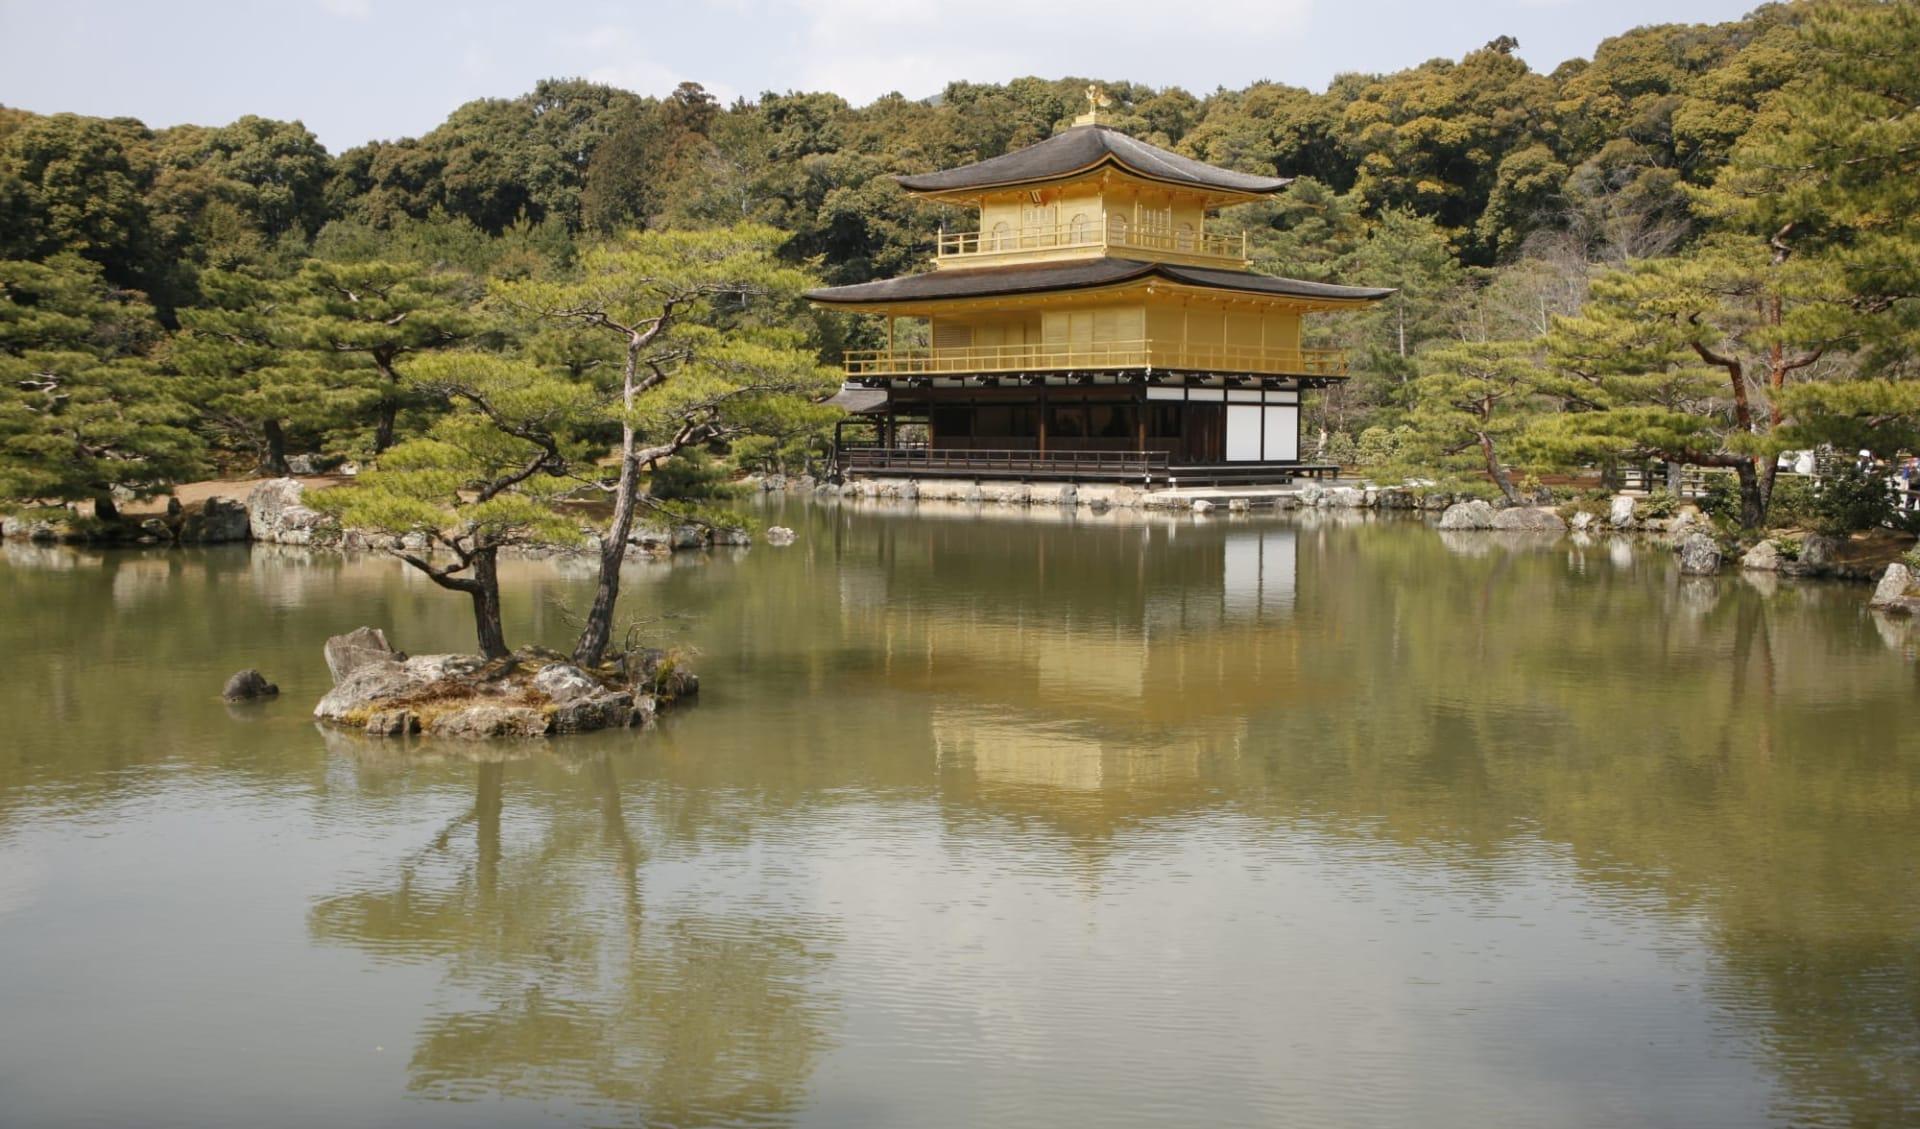 The Golden Route ab Tokio: Kyoto Golden Pavilion Kinkakuji